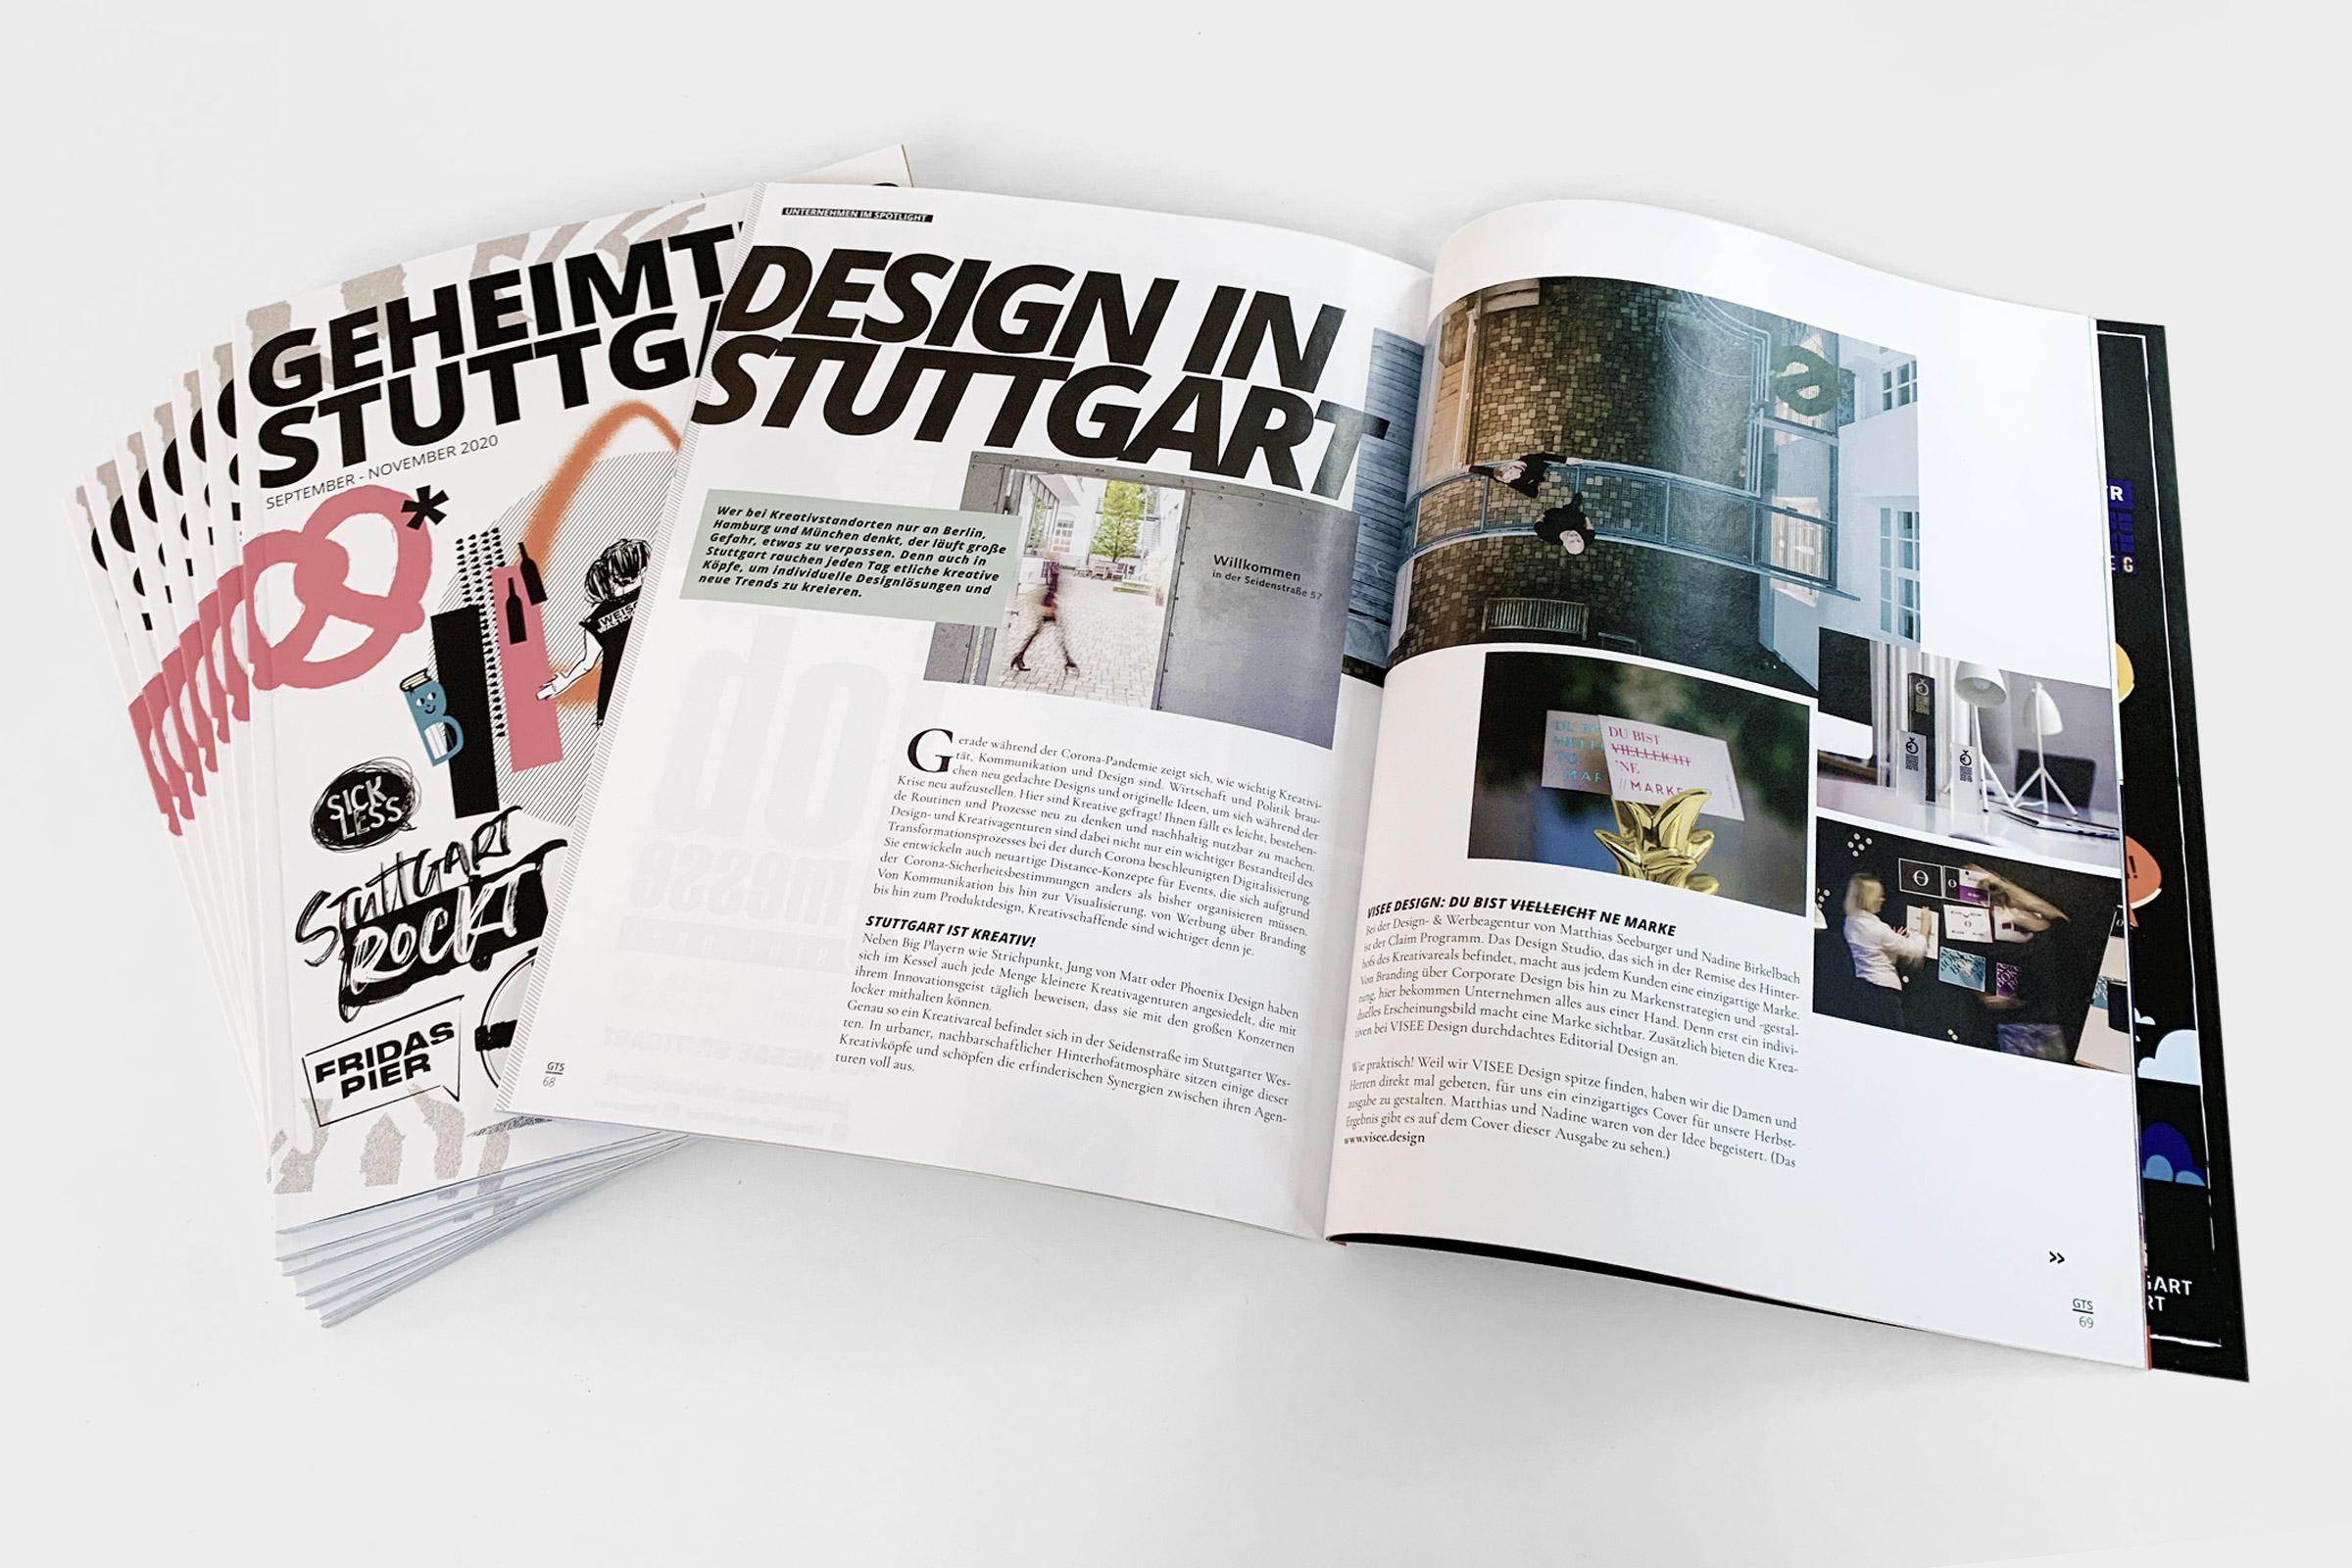 Visee design @ Geheimtipp Stuttgart